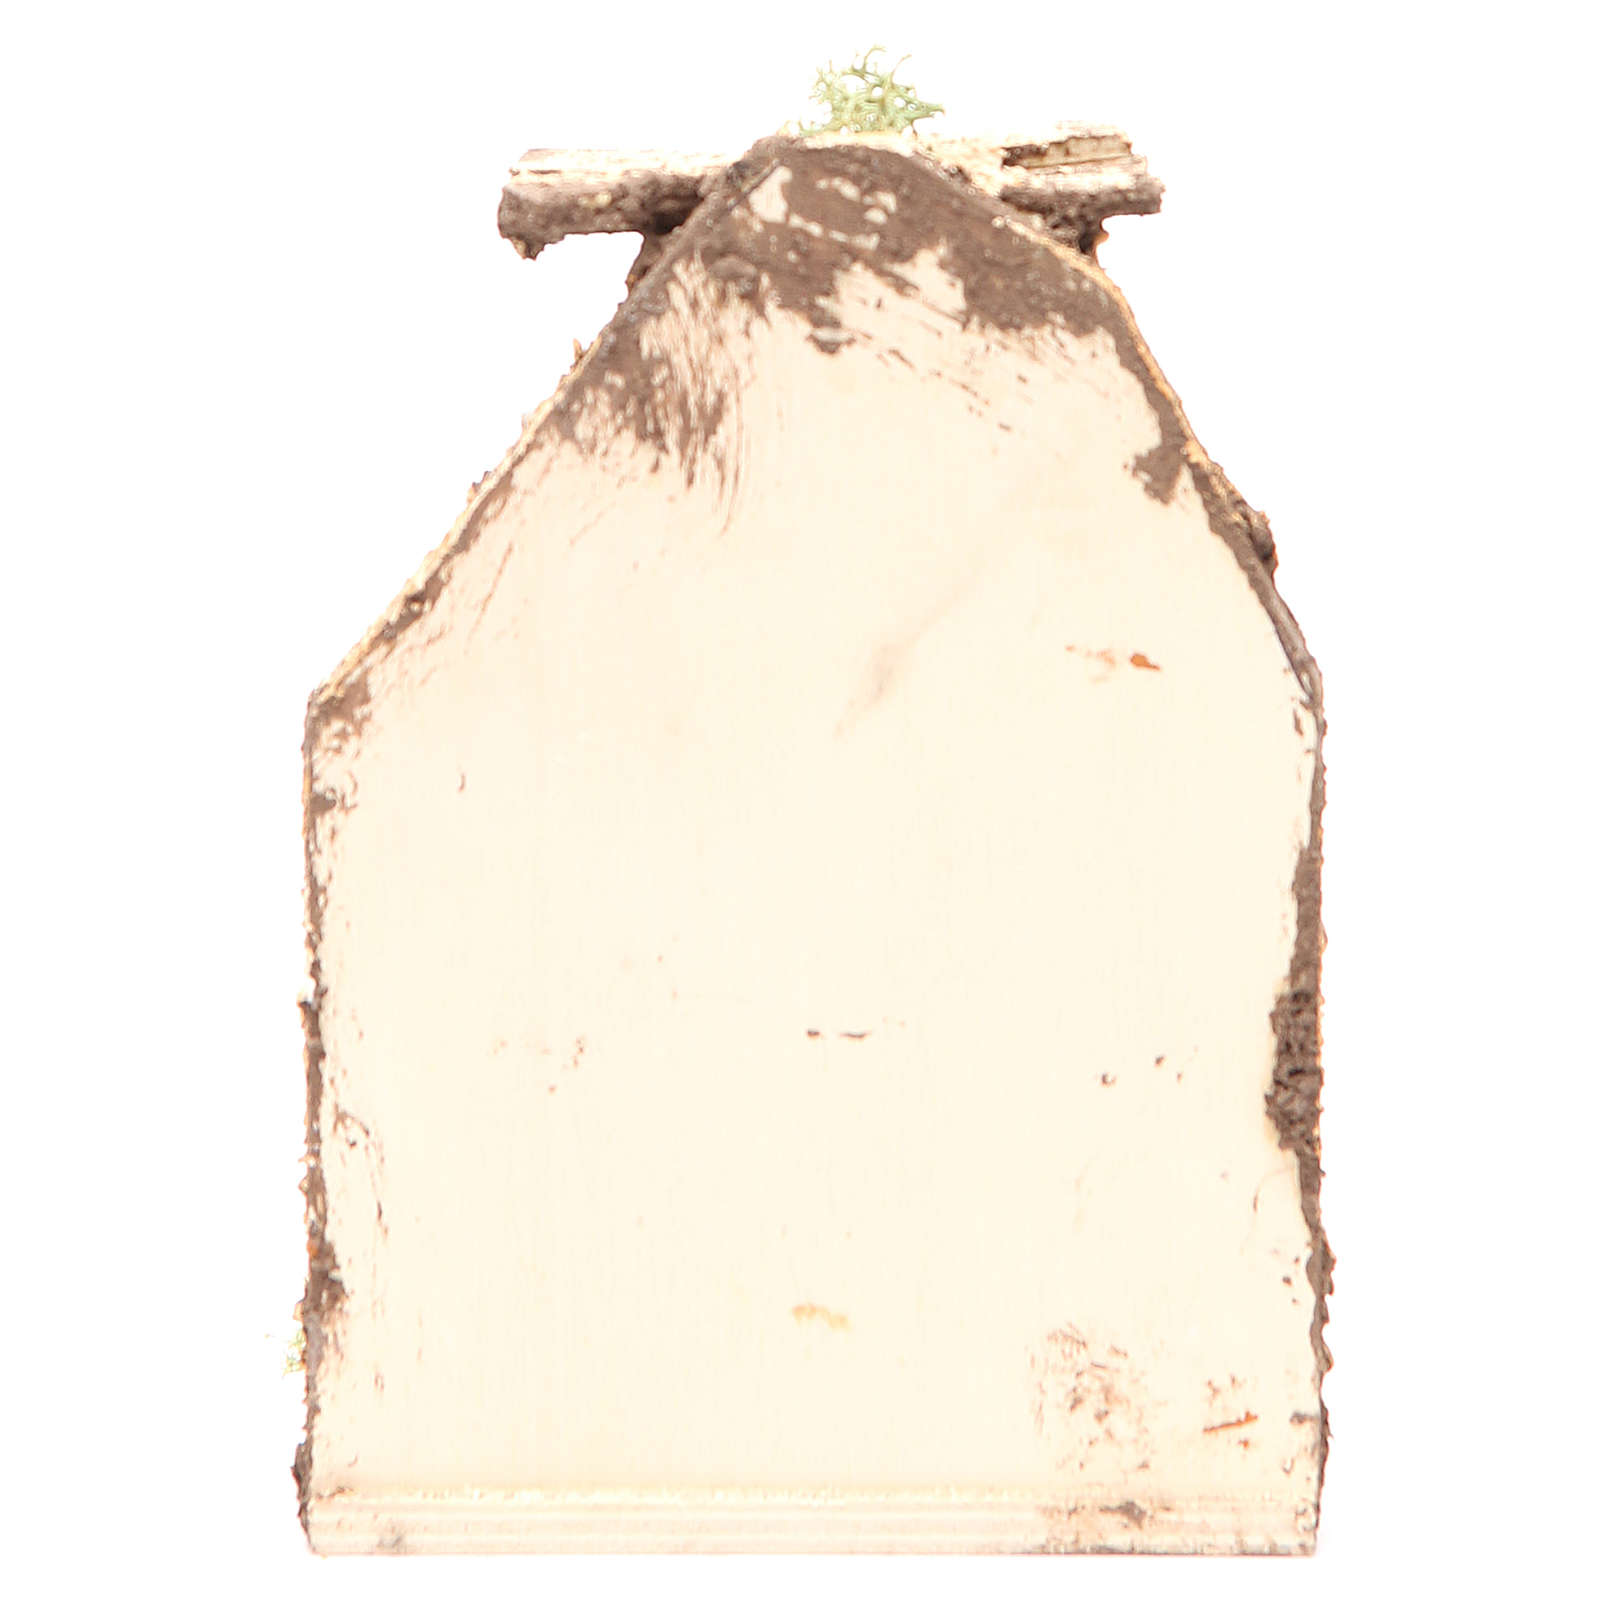 Scenetta con formaggi 15x10x9 cm presepe napoletano 4